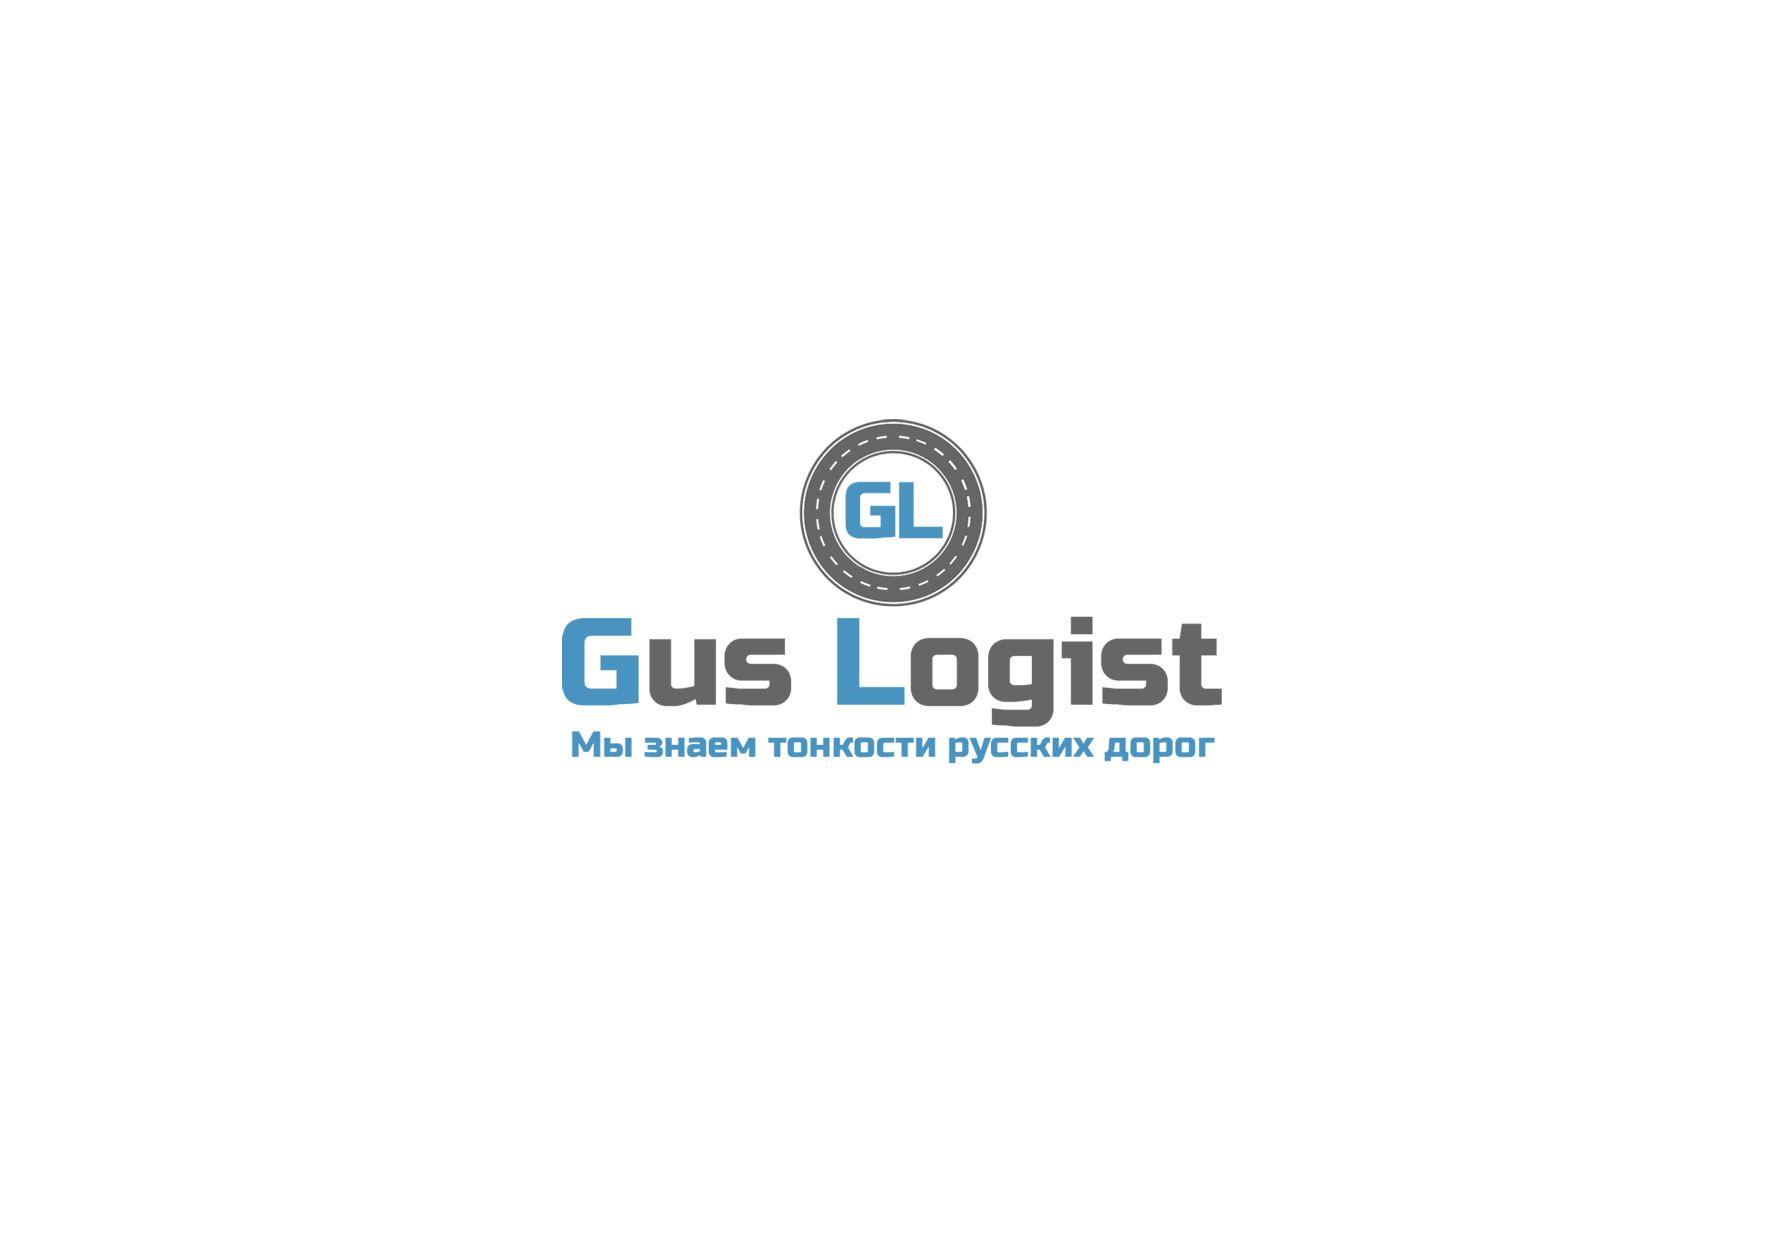 Логотип для транспортной компании - дизайнер comicdm